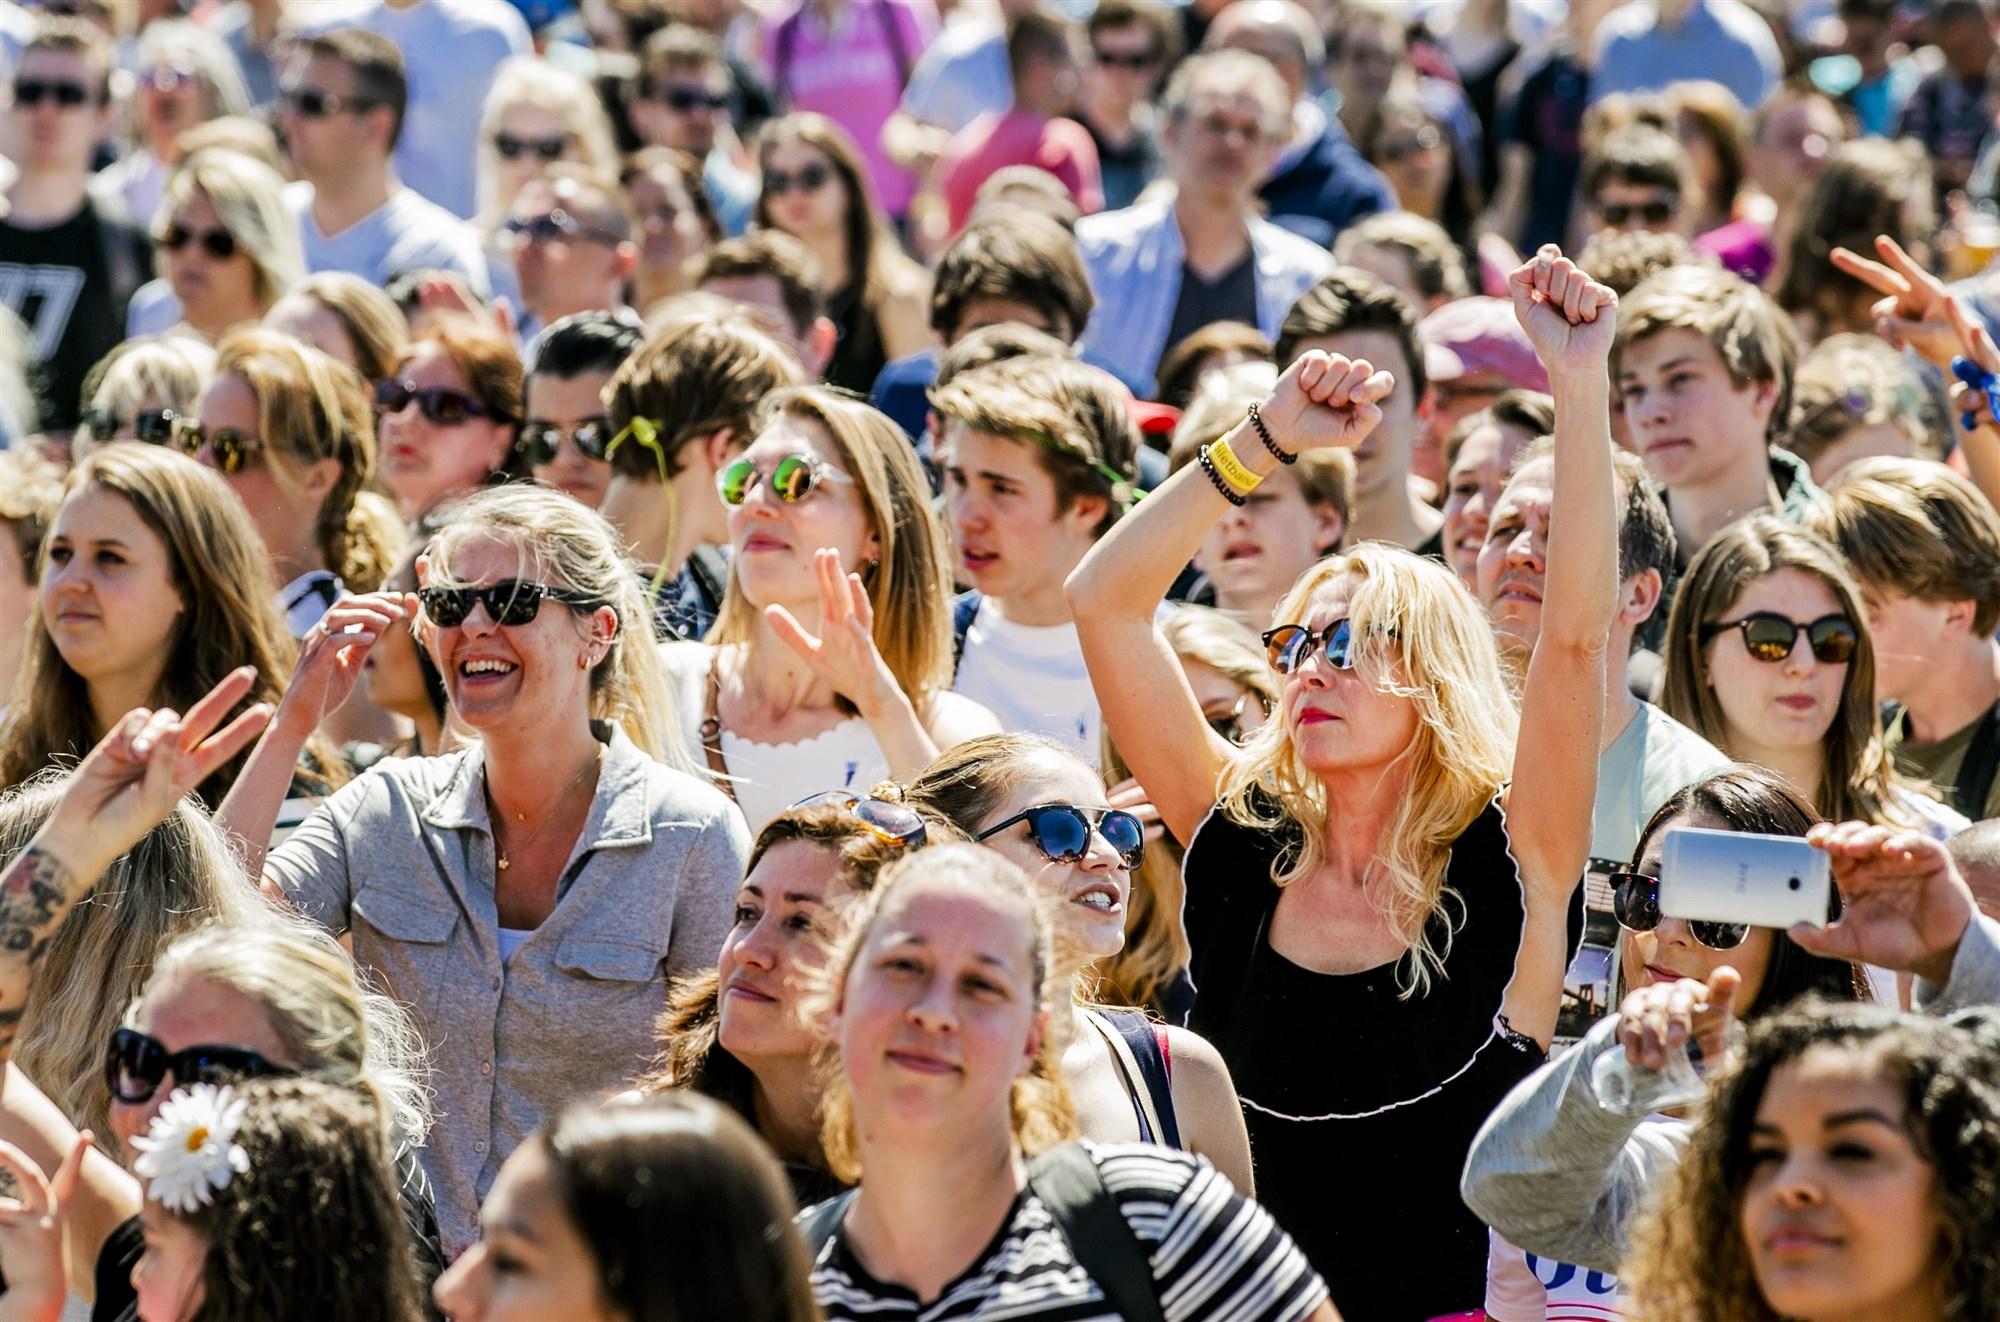 bevrijdingsdag bevrijdingsfestival vrij harderwijk ermelo putten 2020 5 mei vrije dag